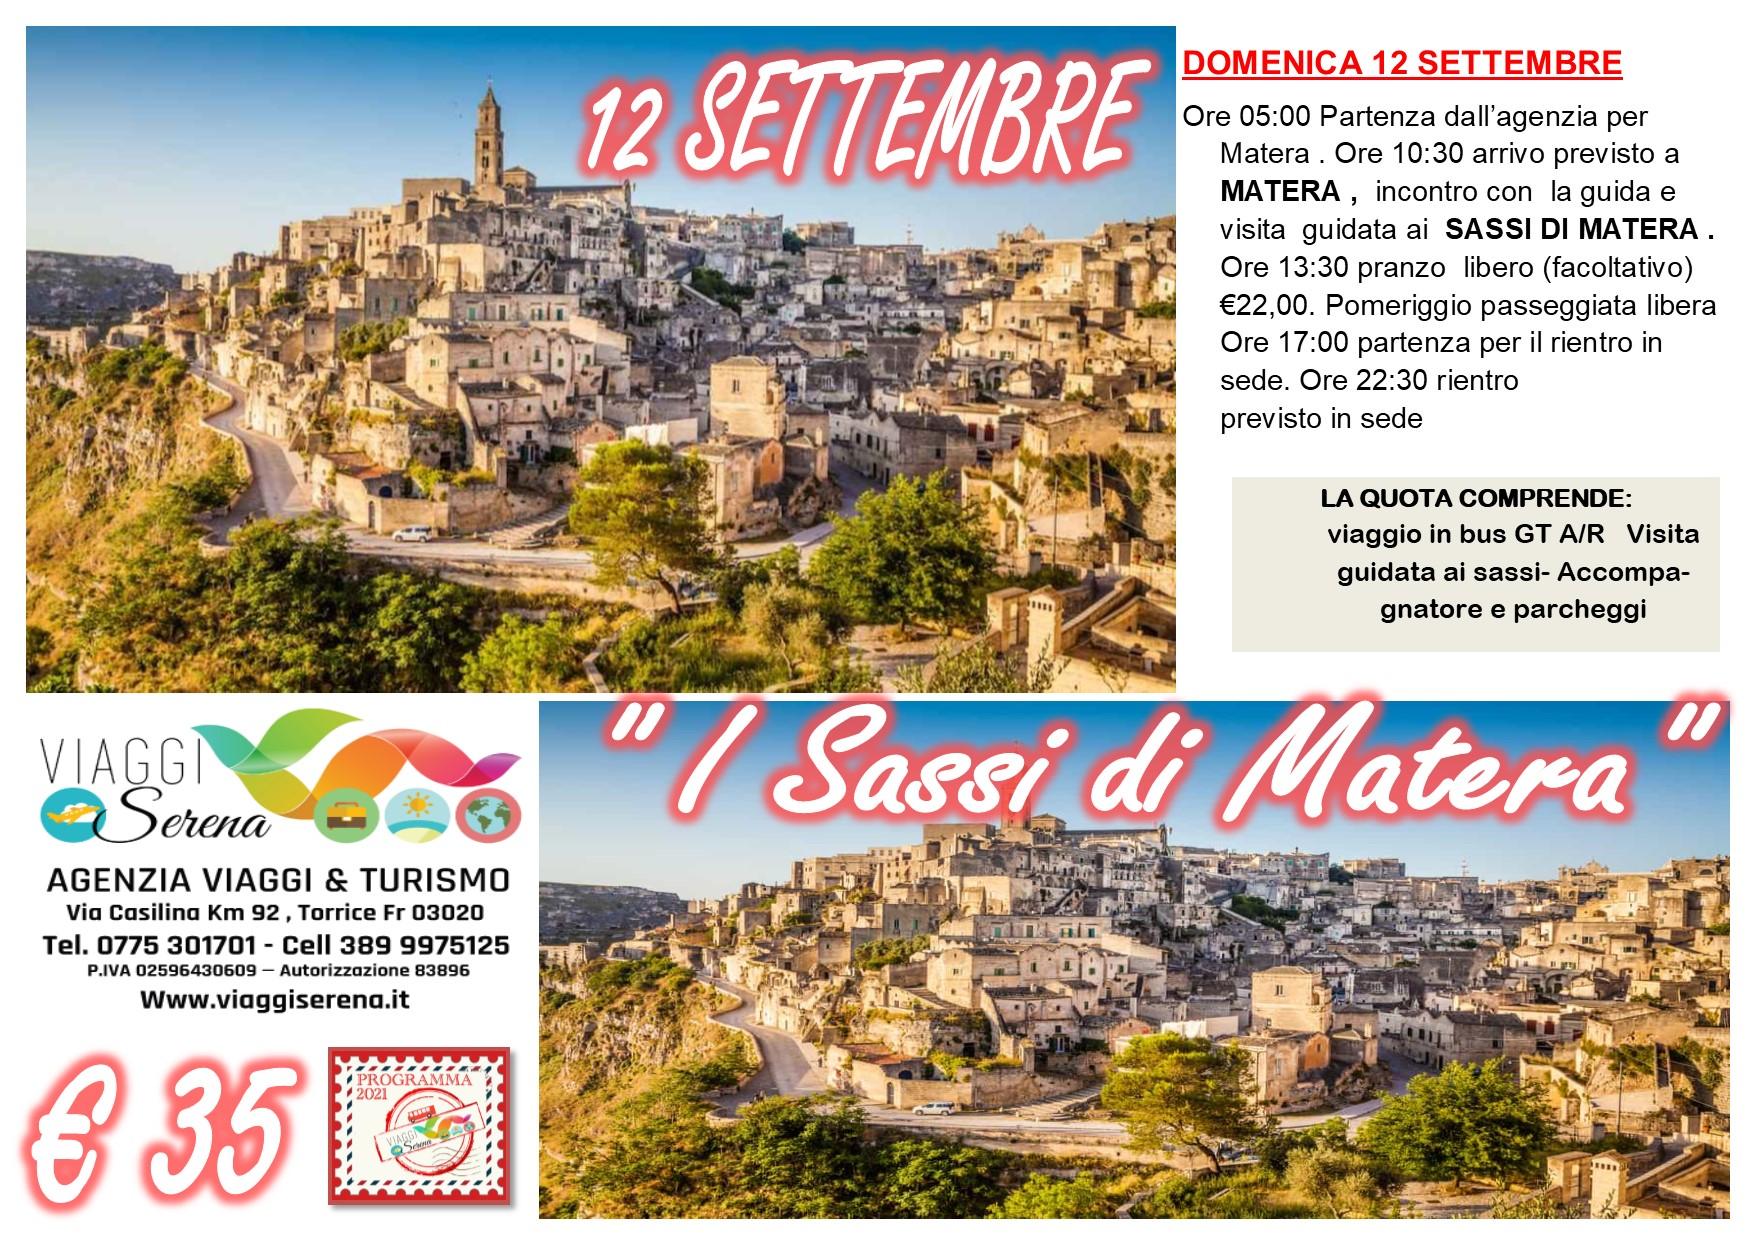 """Viaggi di Gruppo:  MATERA """"I Sassi di Matera"""" 12 Settembre € 35,00"""